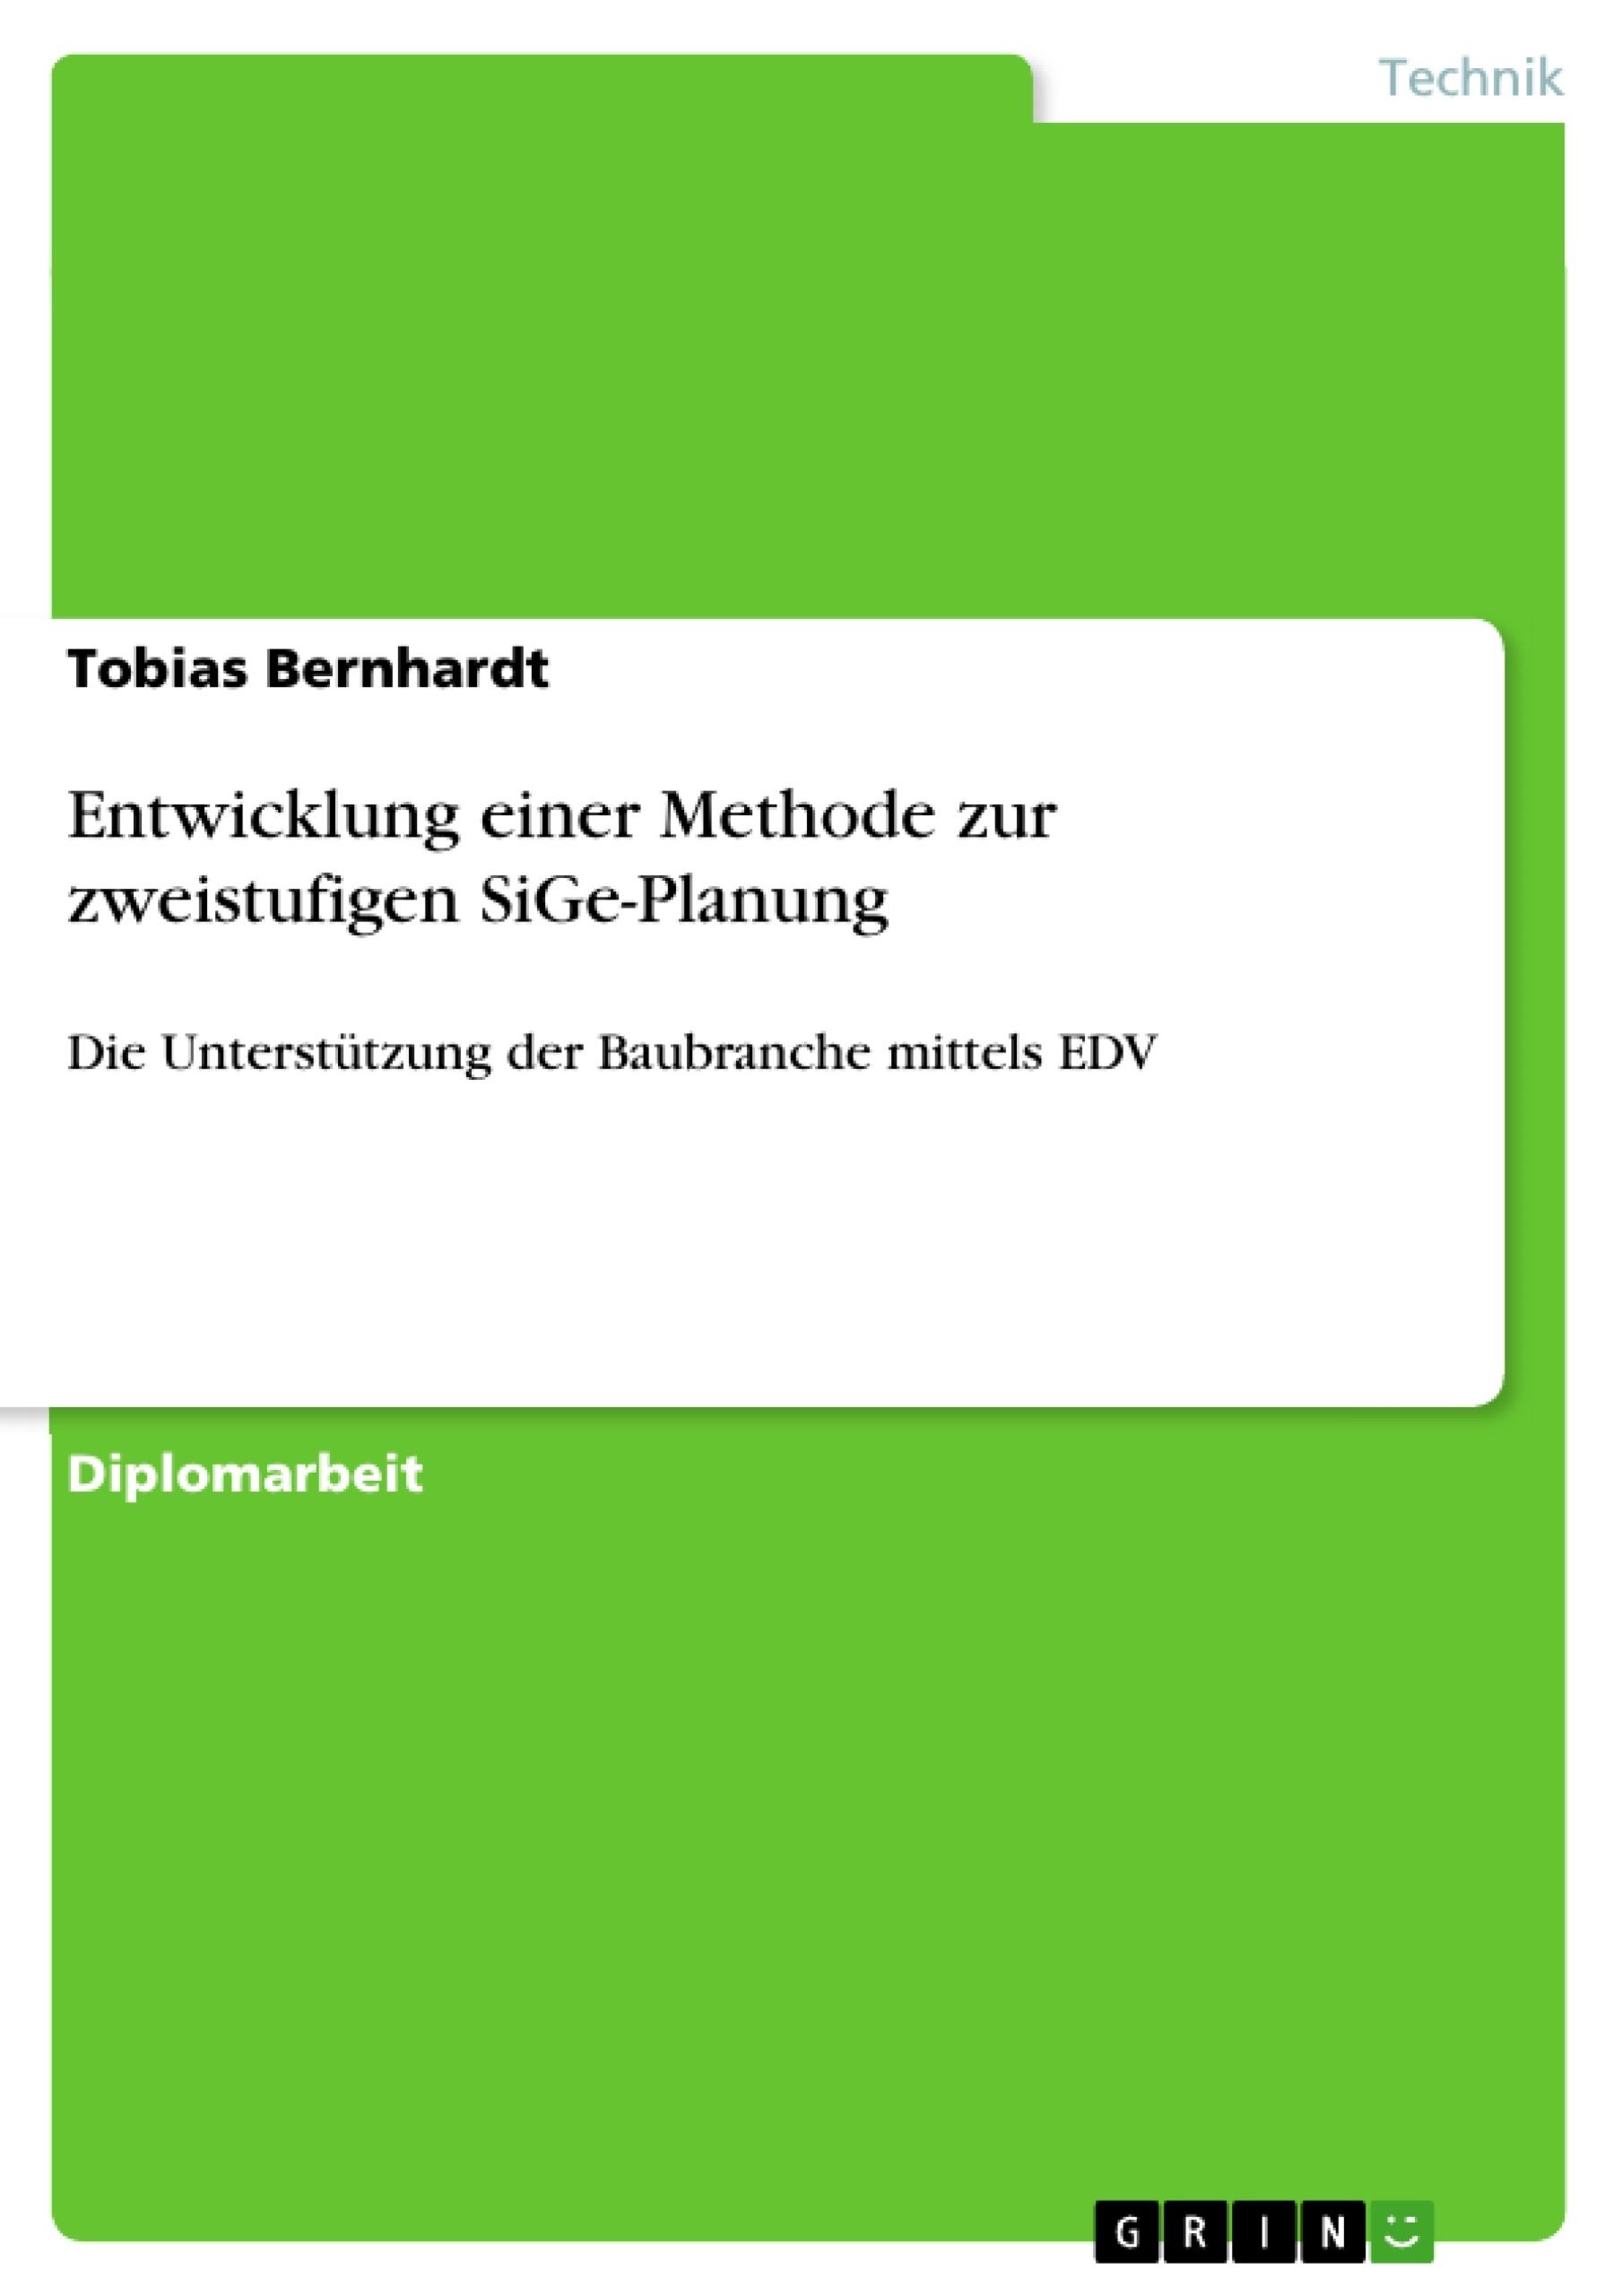 Titel: Entwicklung einer Methode zur zweistufigen SiGe-Planung